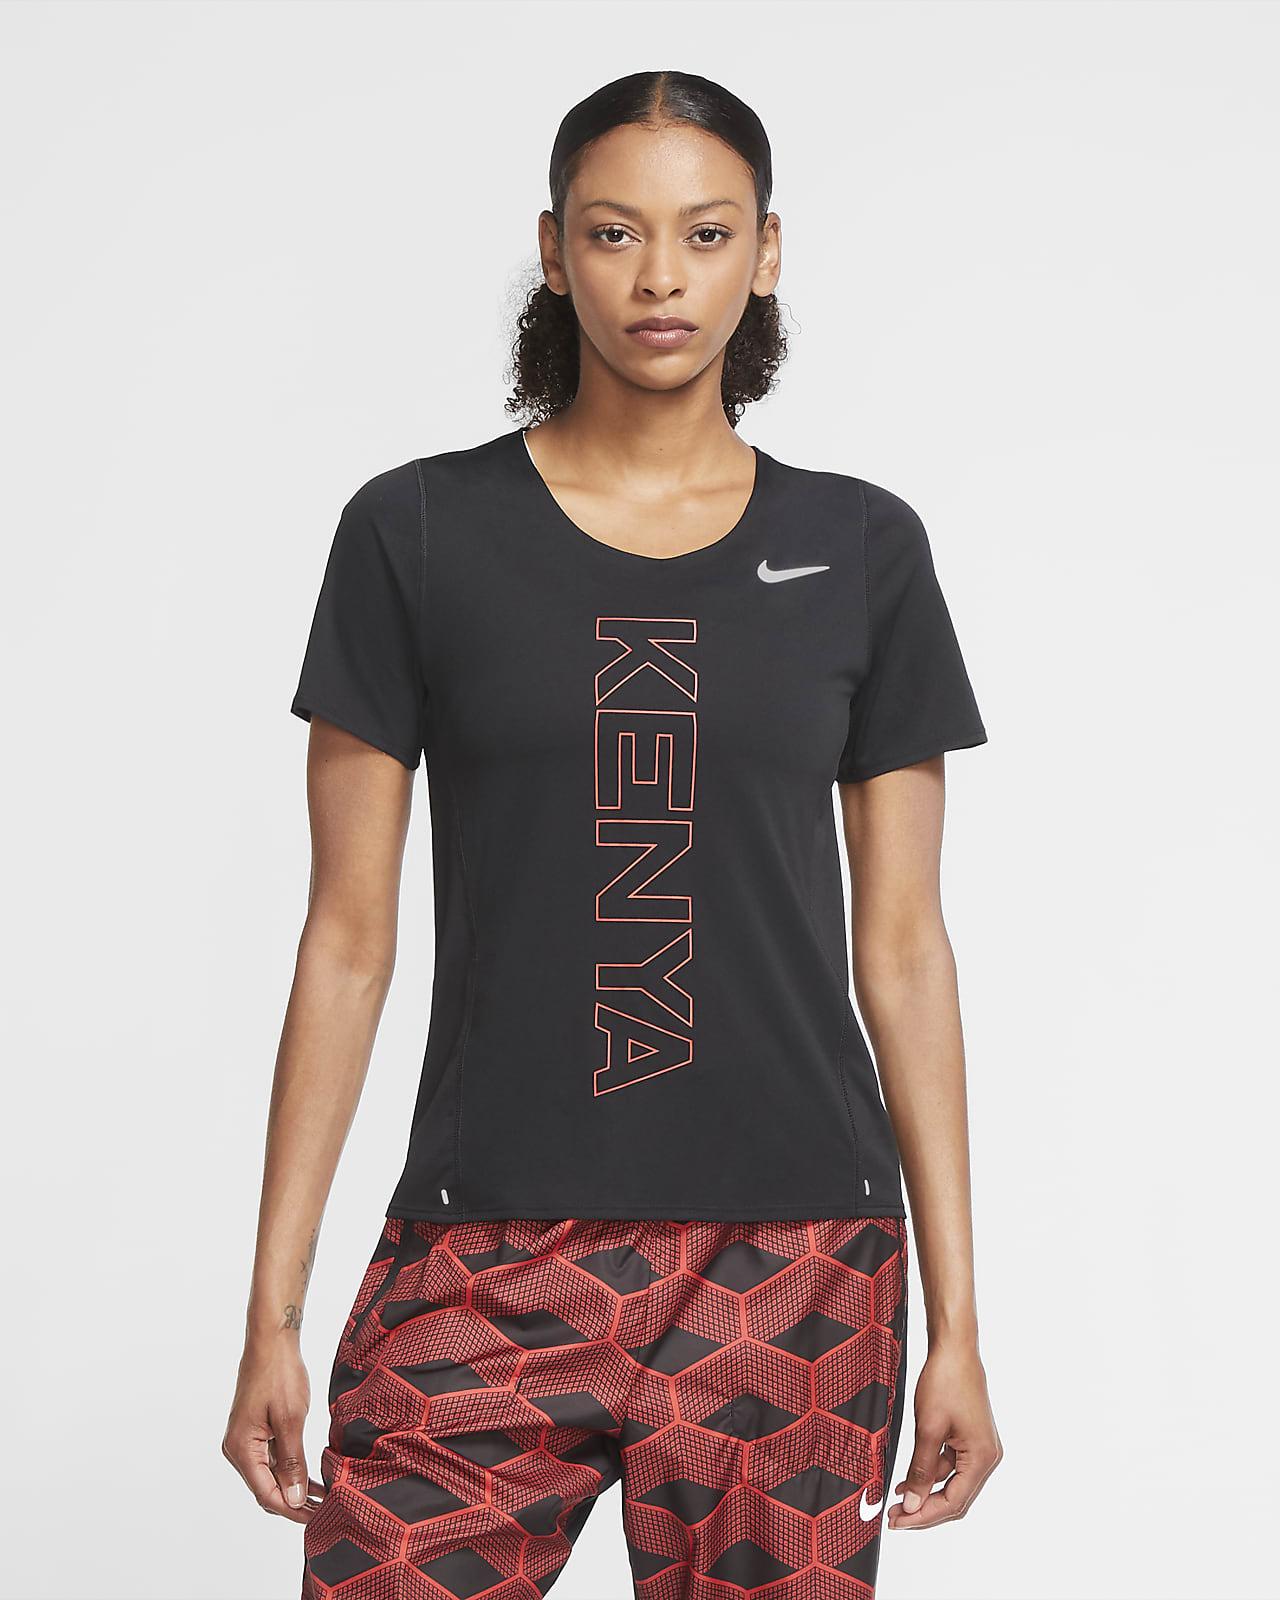 Γυναικεία μπλούζα για τρέξιμο Nike Team Κένυα City Sleek